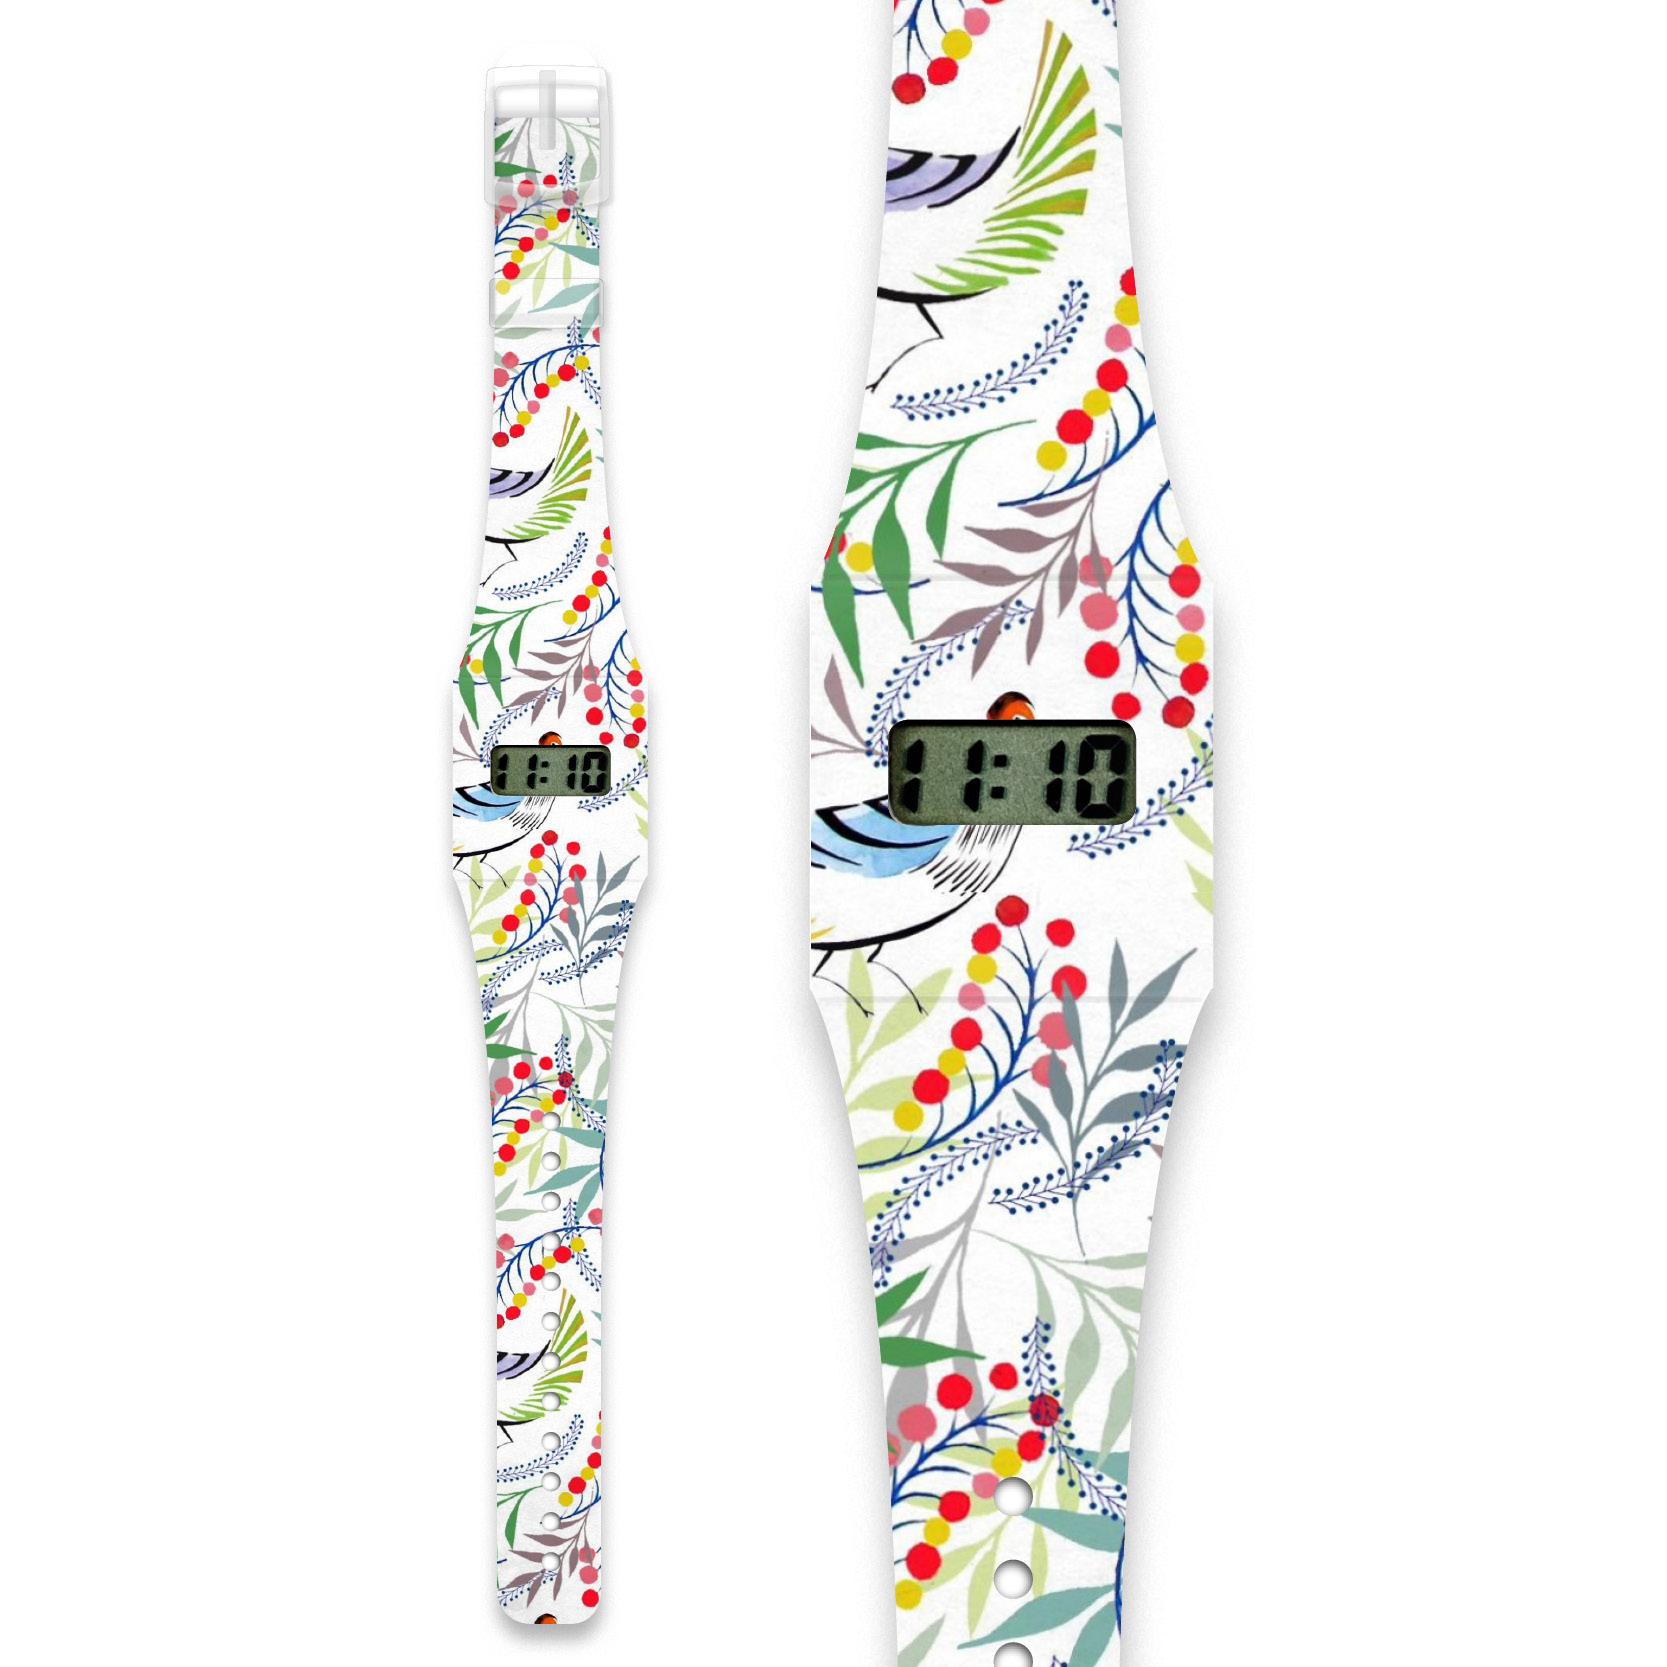 Pappwatch hodinky – Florality bird – Hudry Hudry 6583c1c7a9